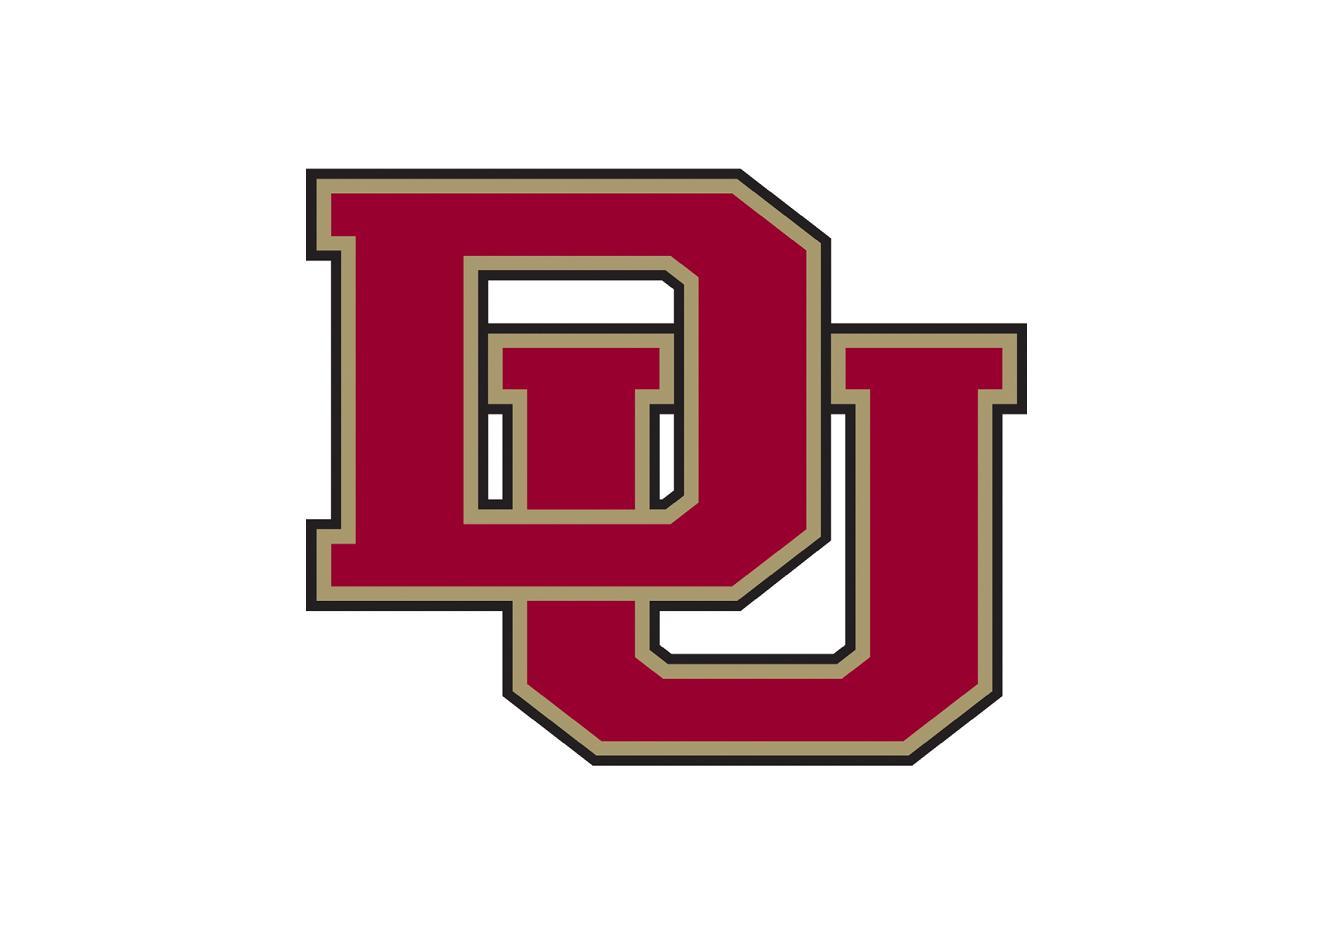 University of Denver.